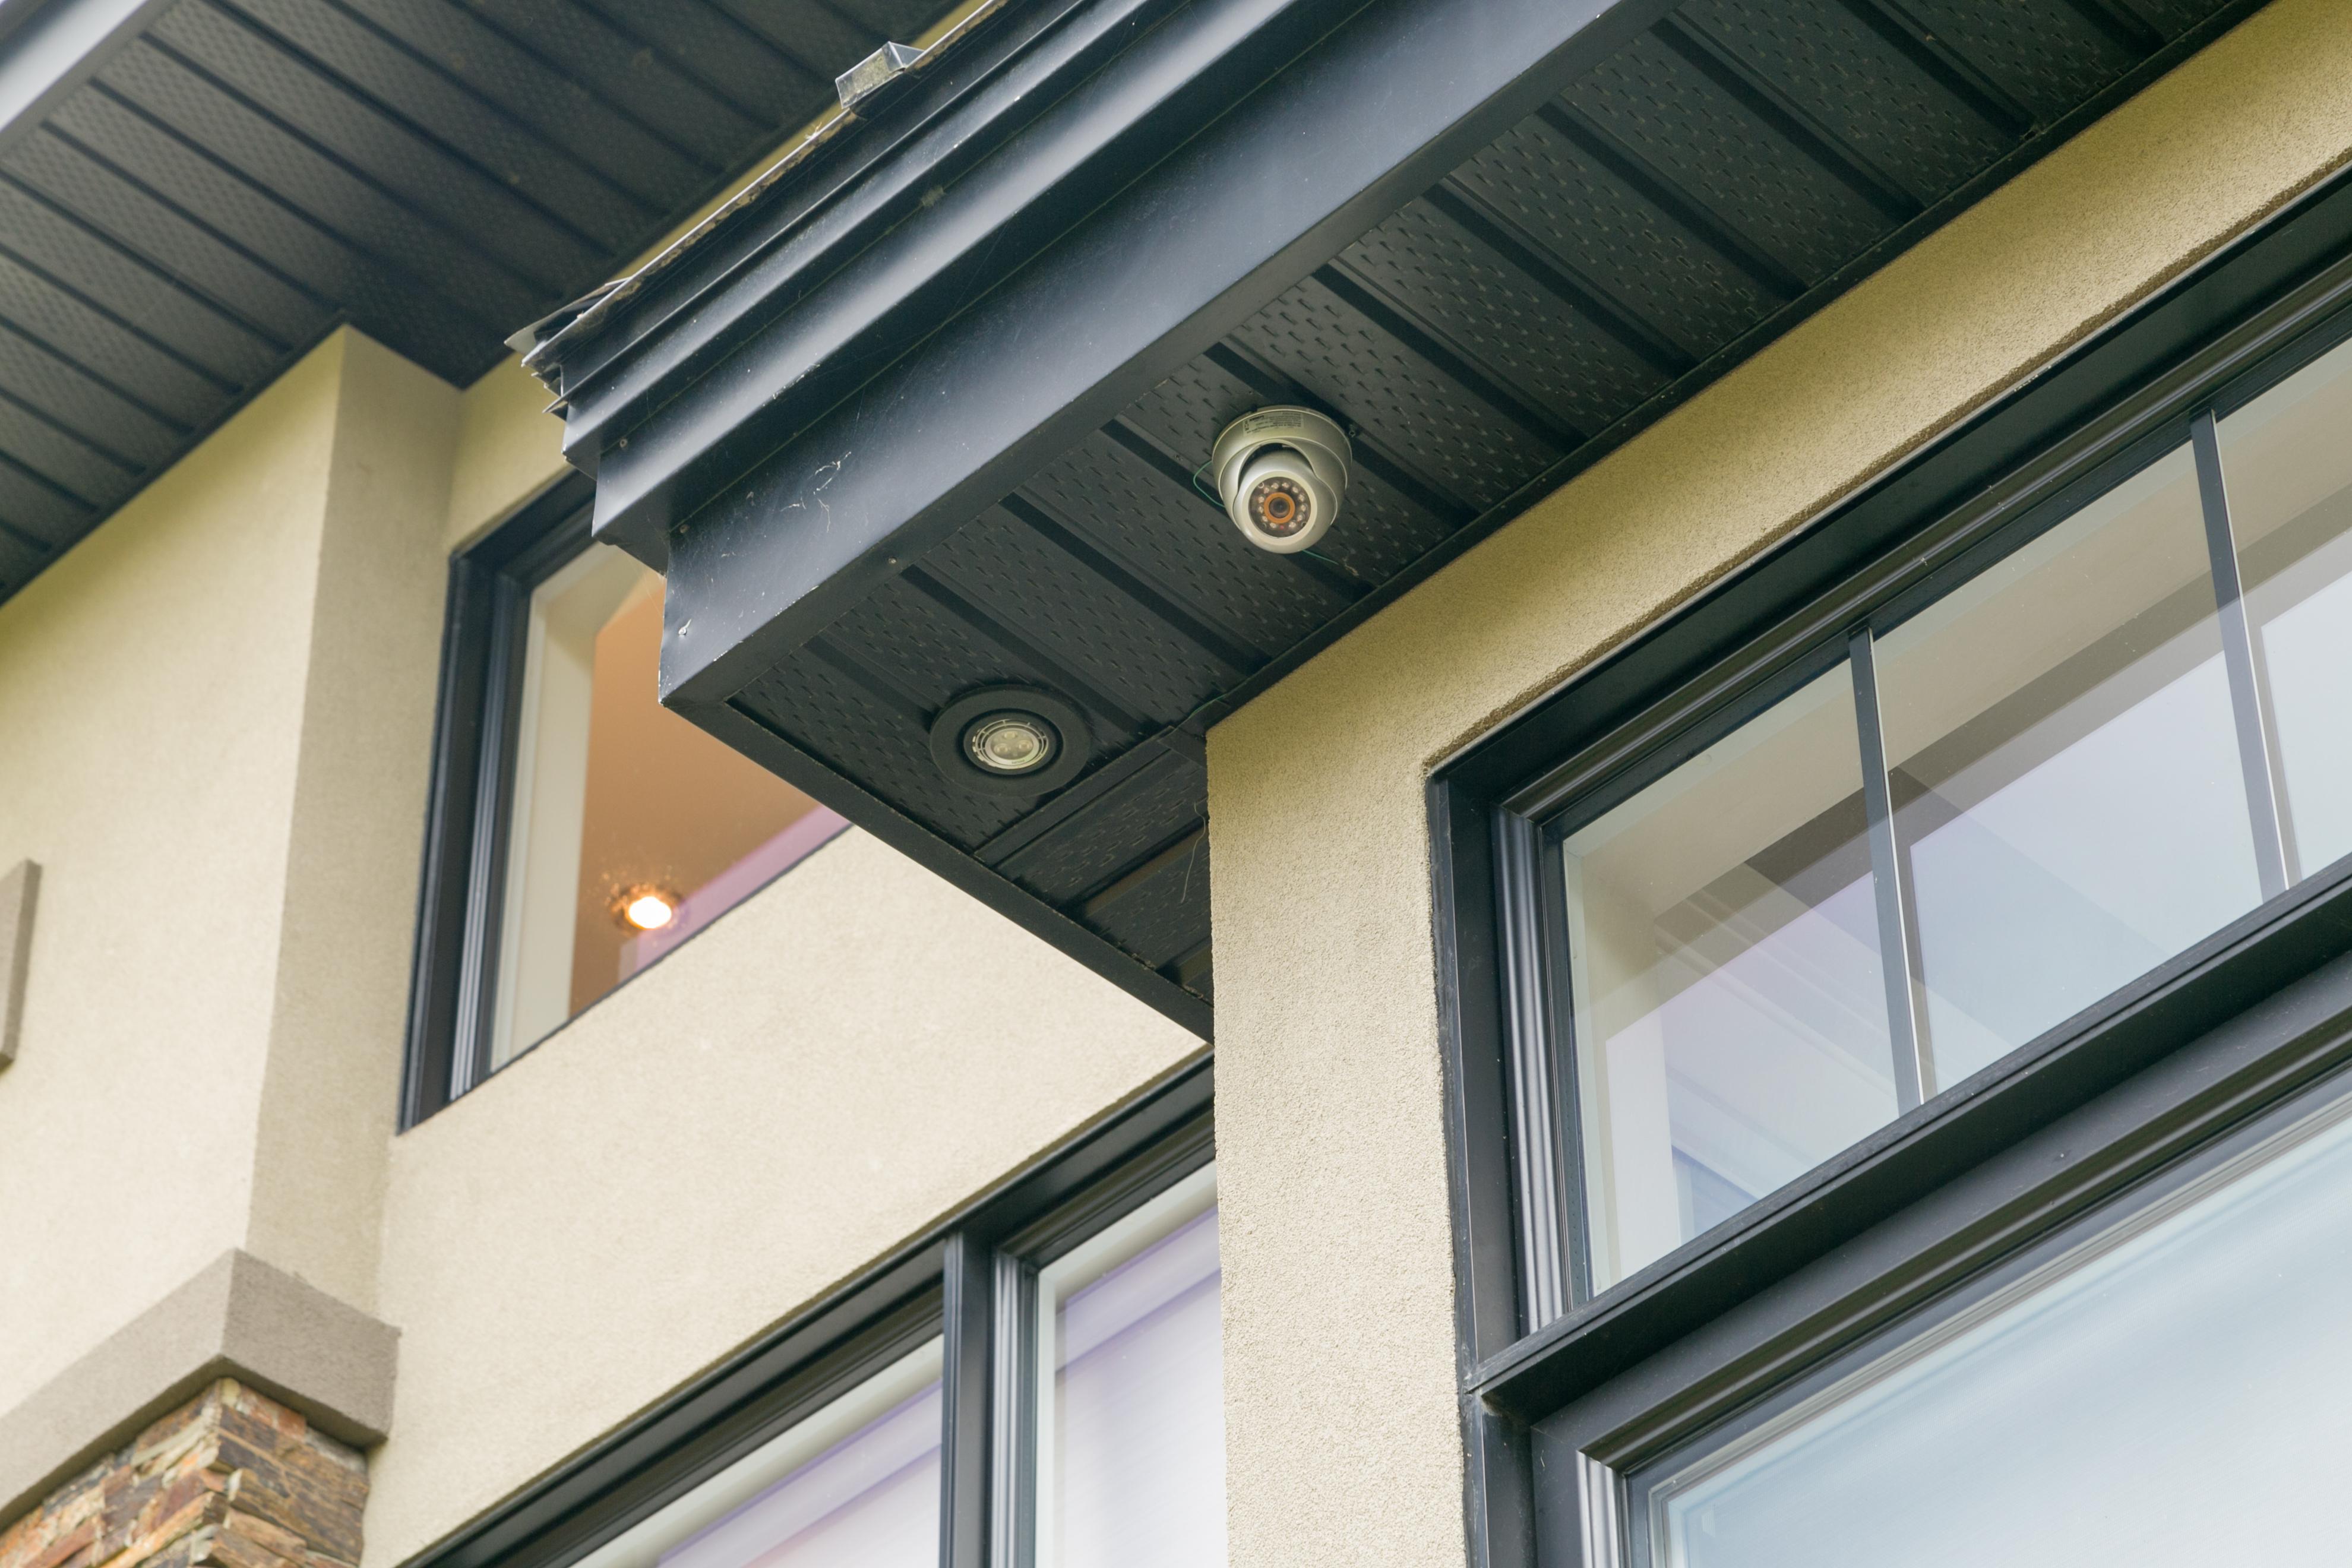 1601 Kingsdale Exterior Camera